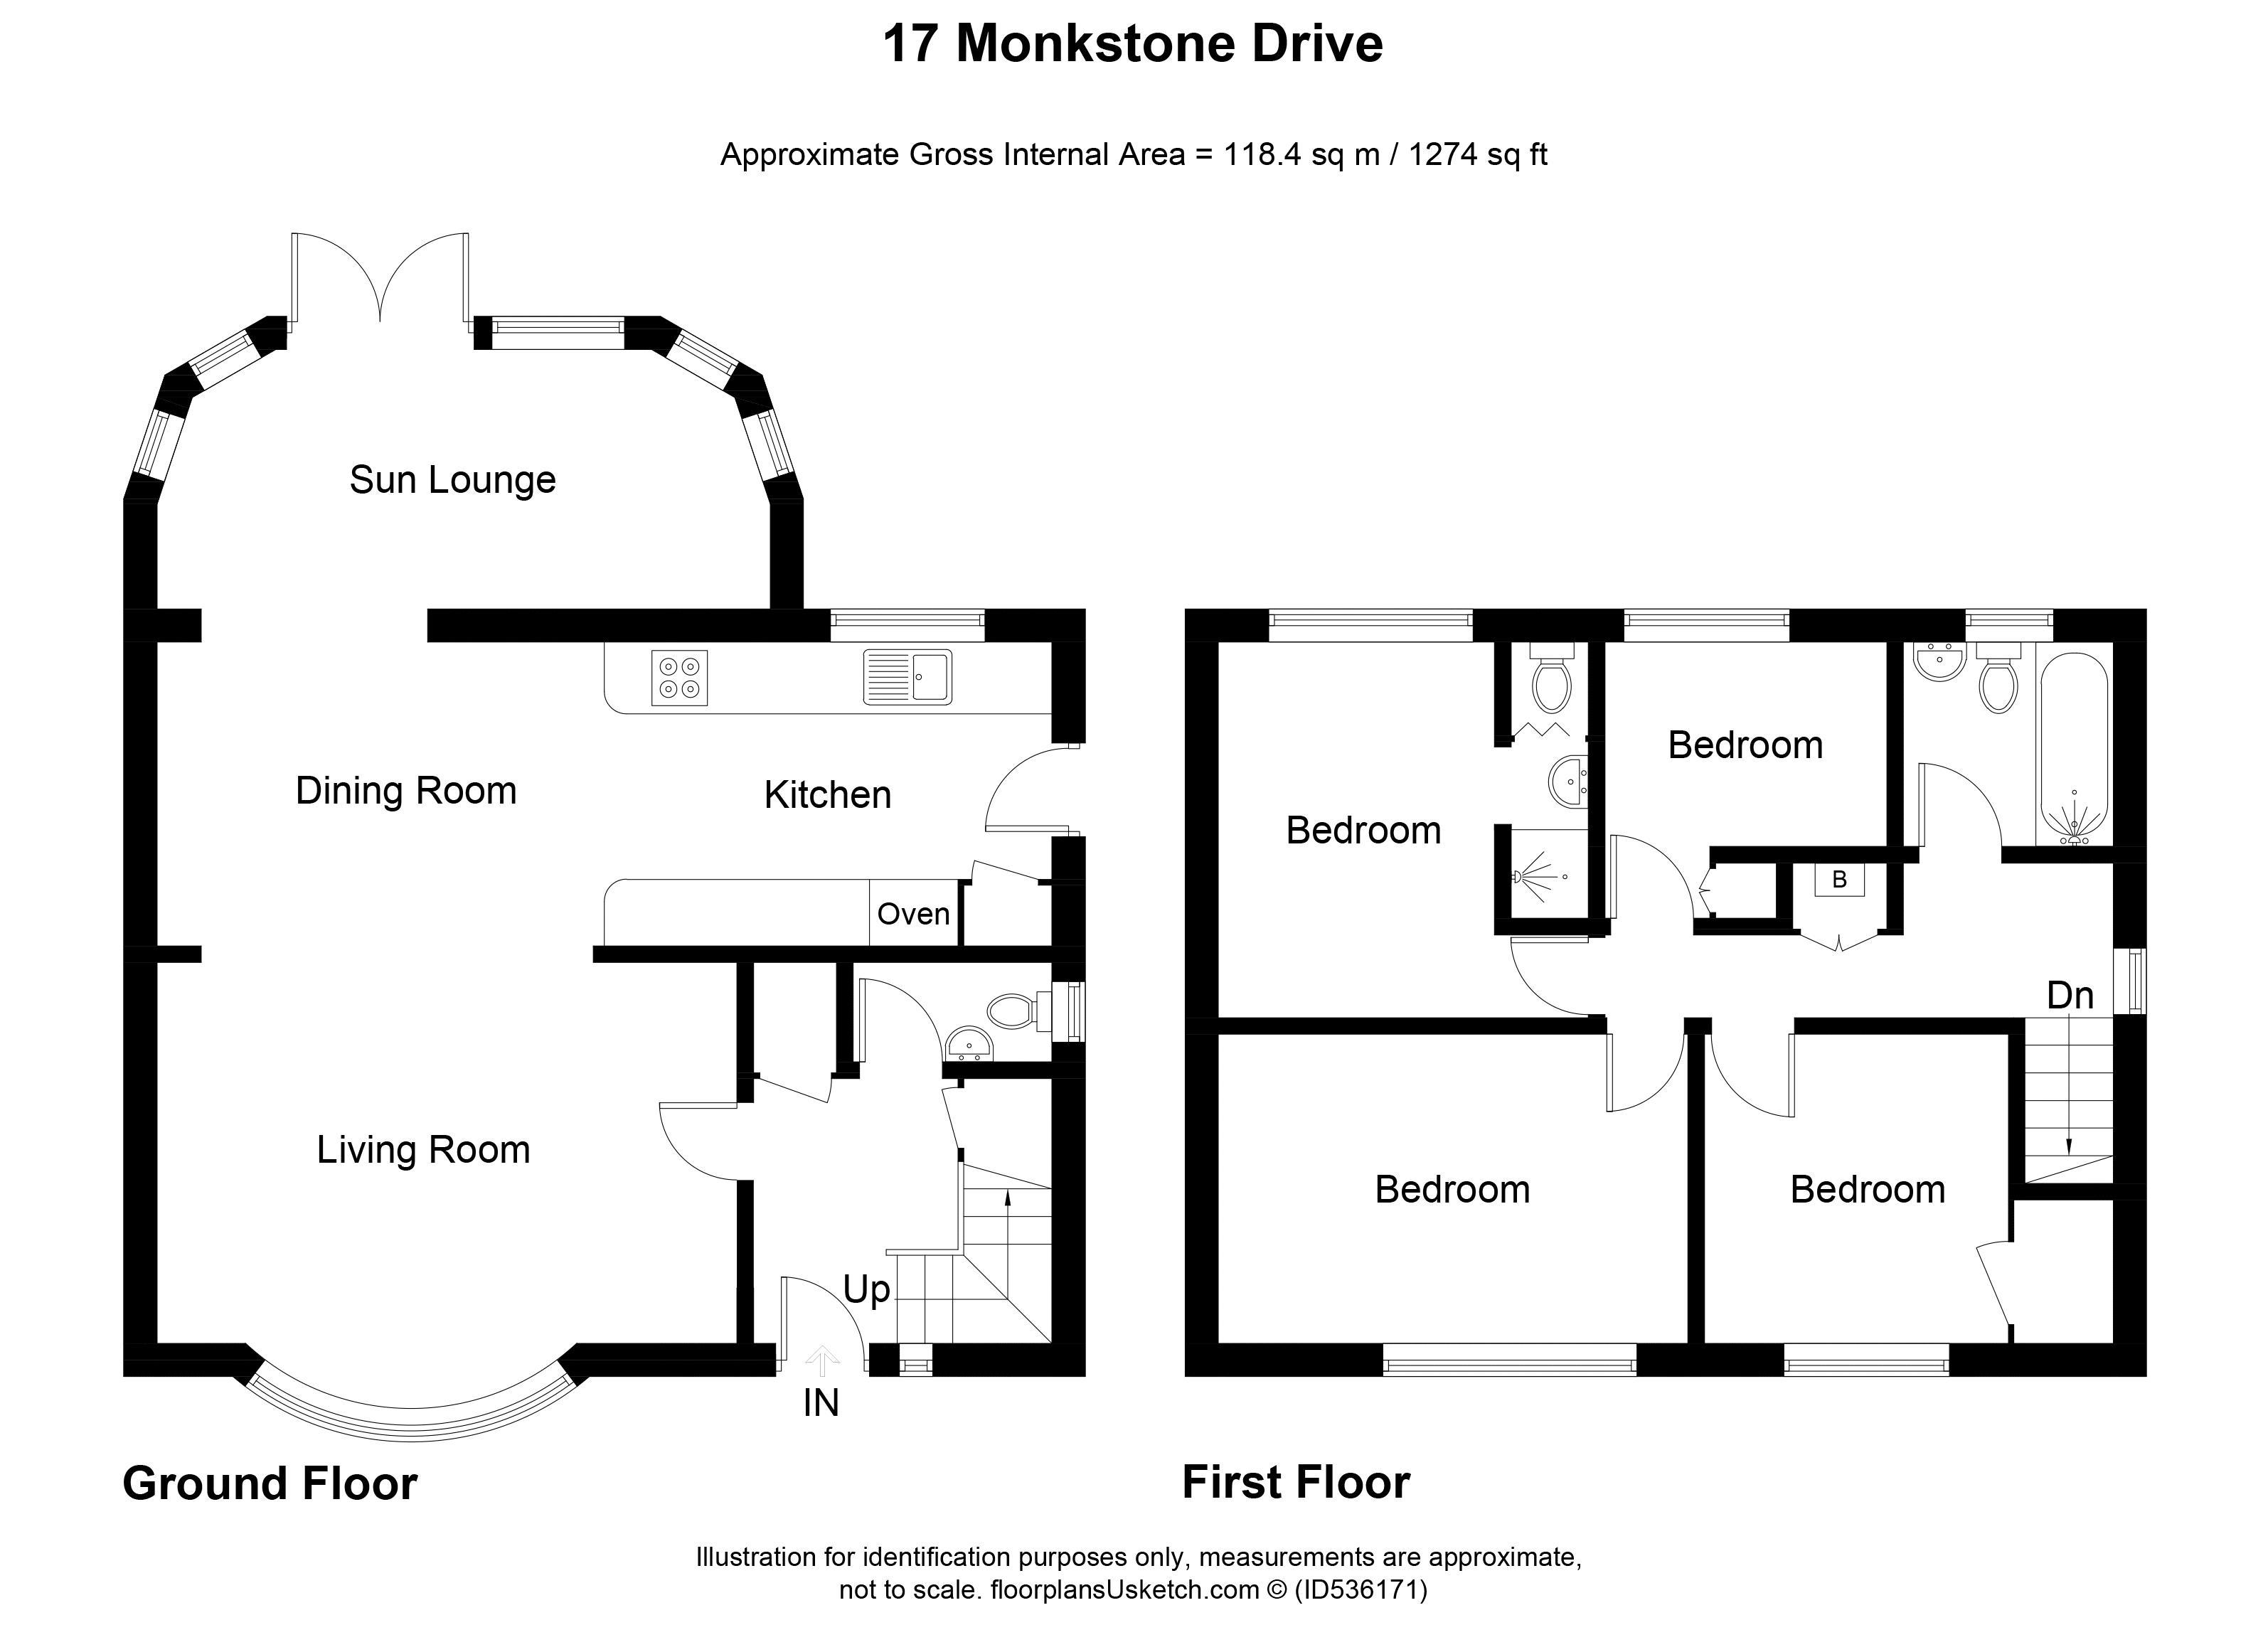 Monkstone Drive Berrow